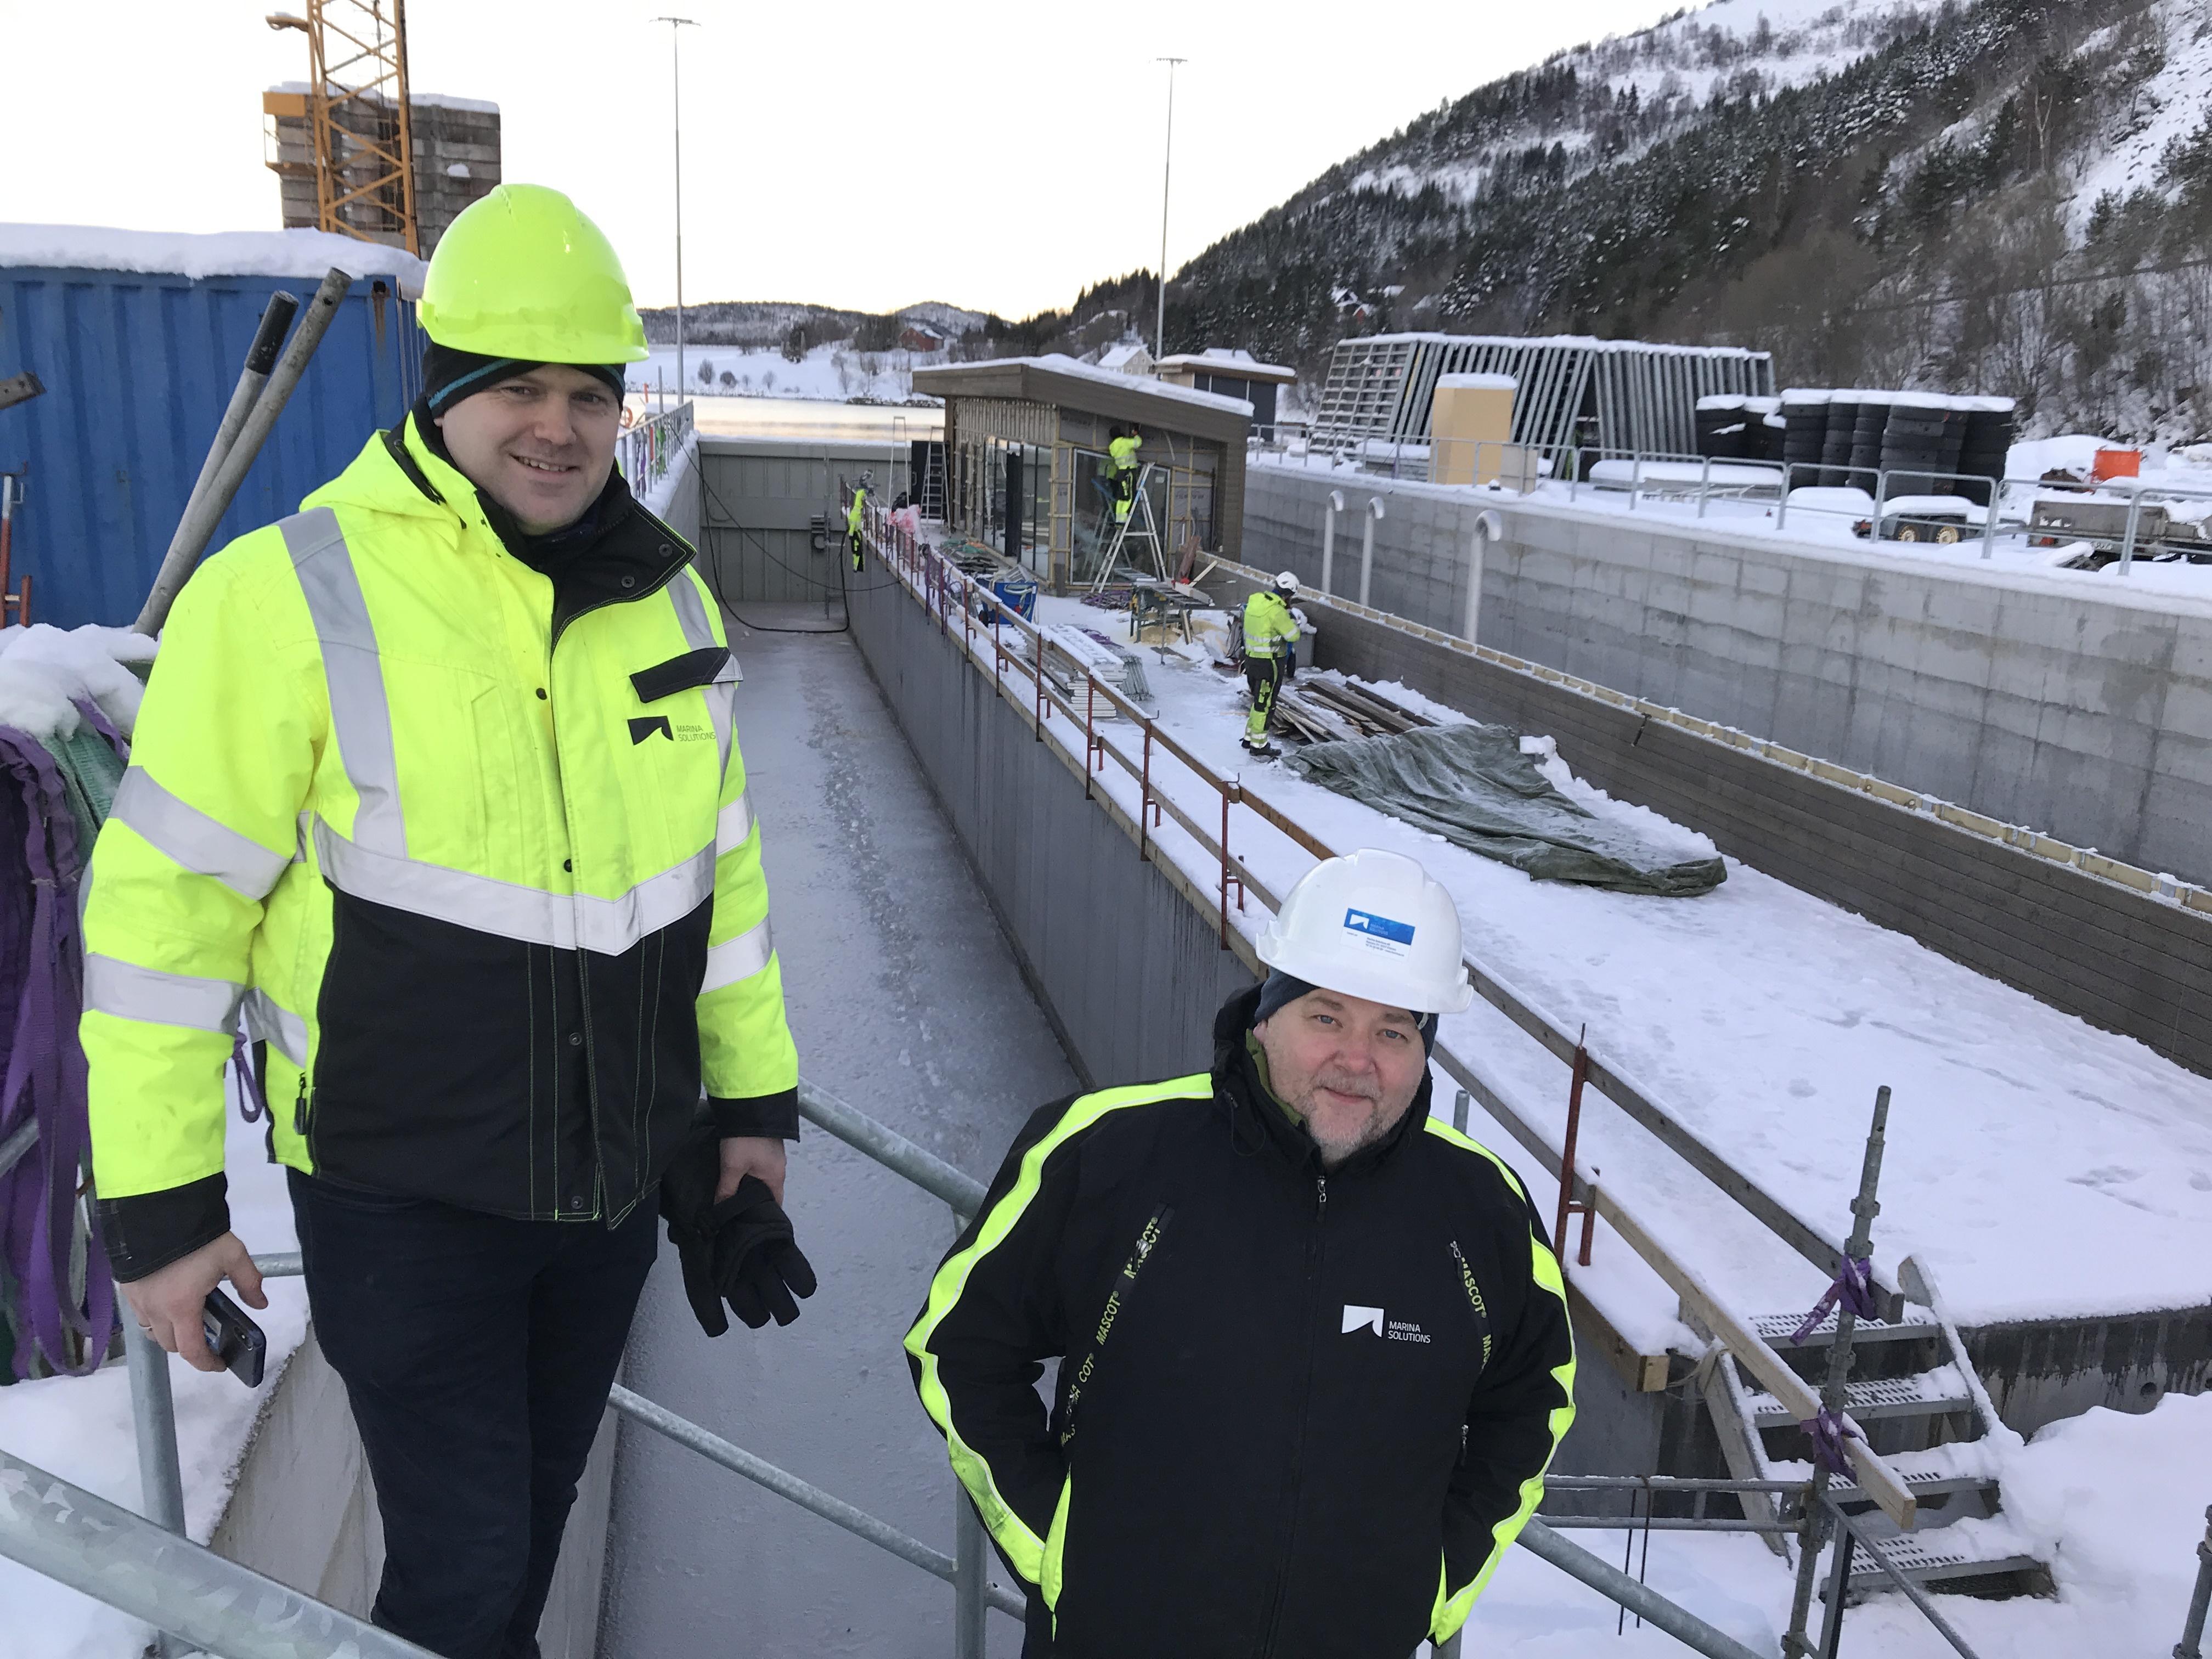 https://marinasolutions.no/uploads/Marina-Solutions-flytemolo-i-tørrdokk_Geir-Børge-Helset_Geir-Inge-Follestad.JPG